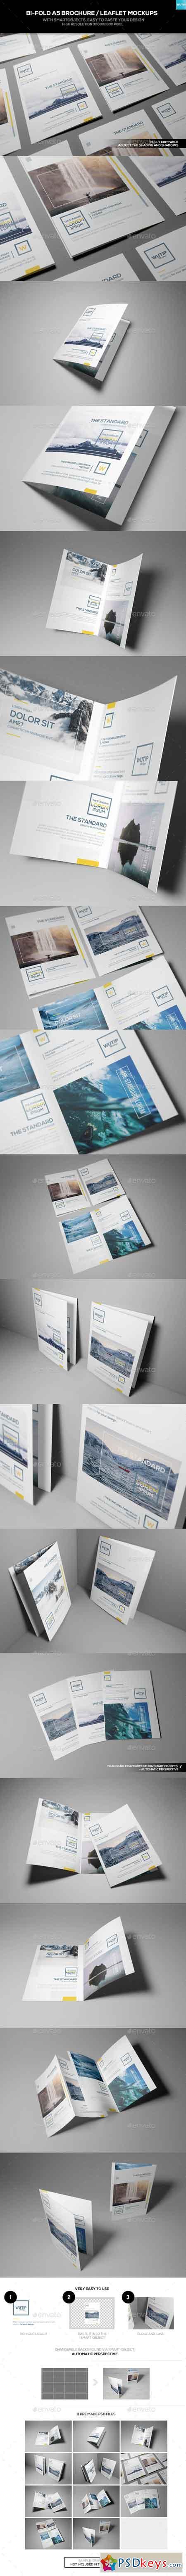 Bi-Fold A5 Brochure Leaflet Mockups 16745845